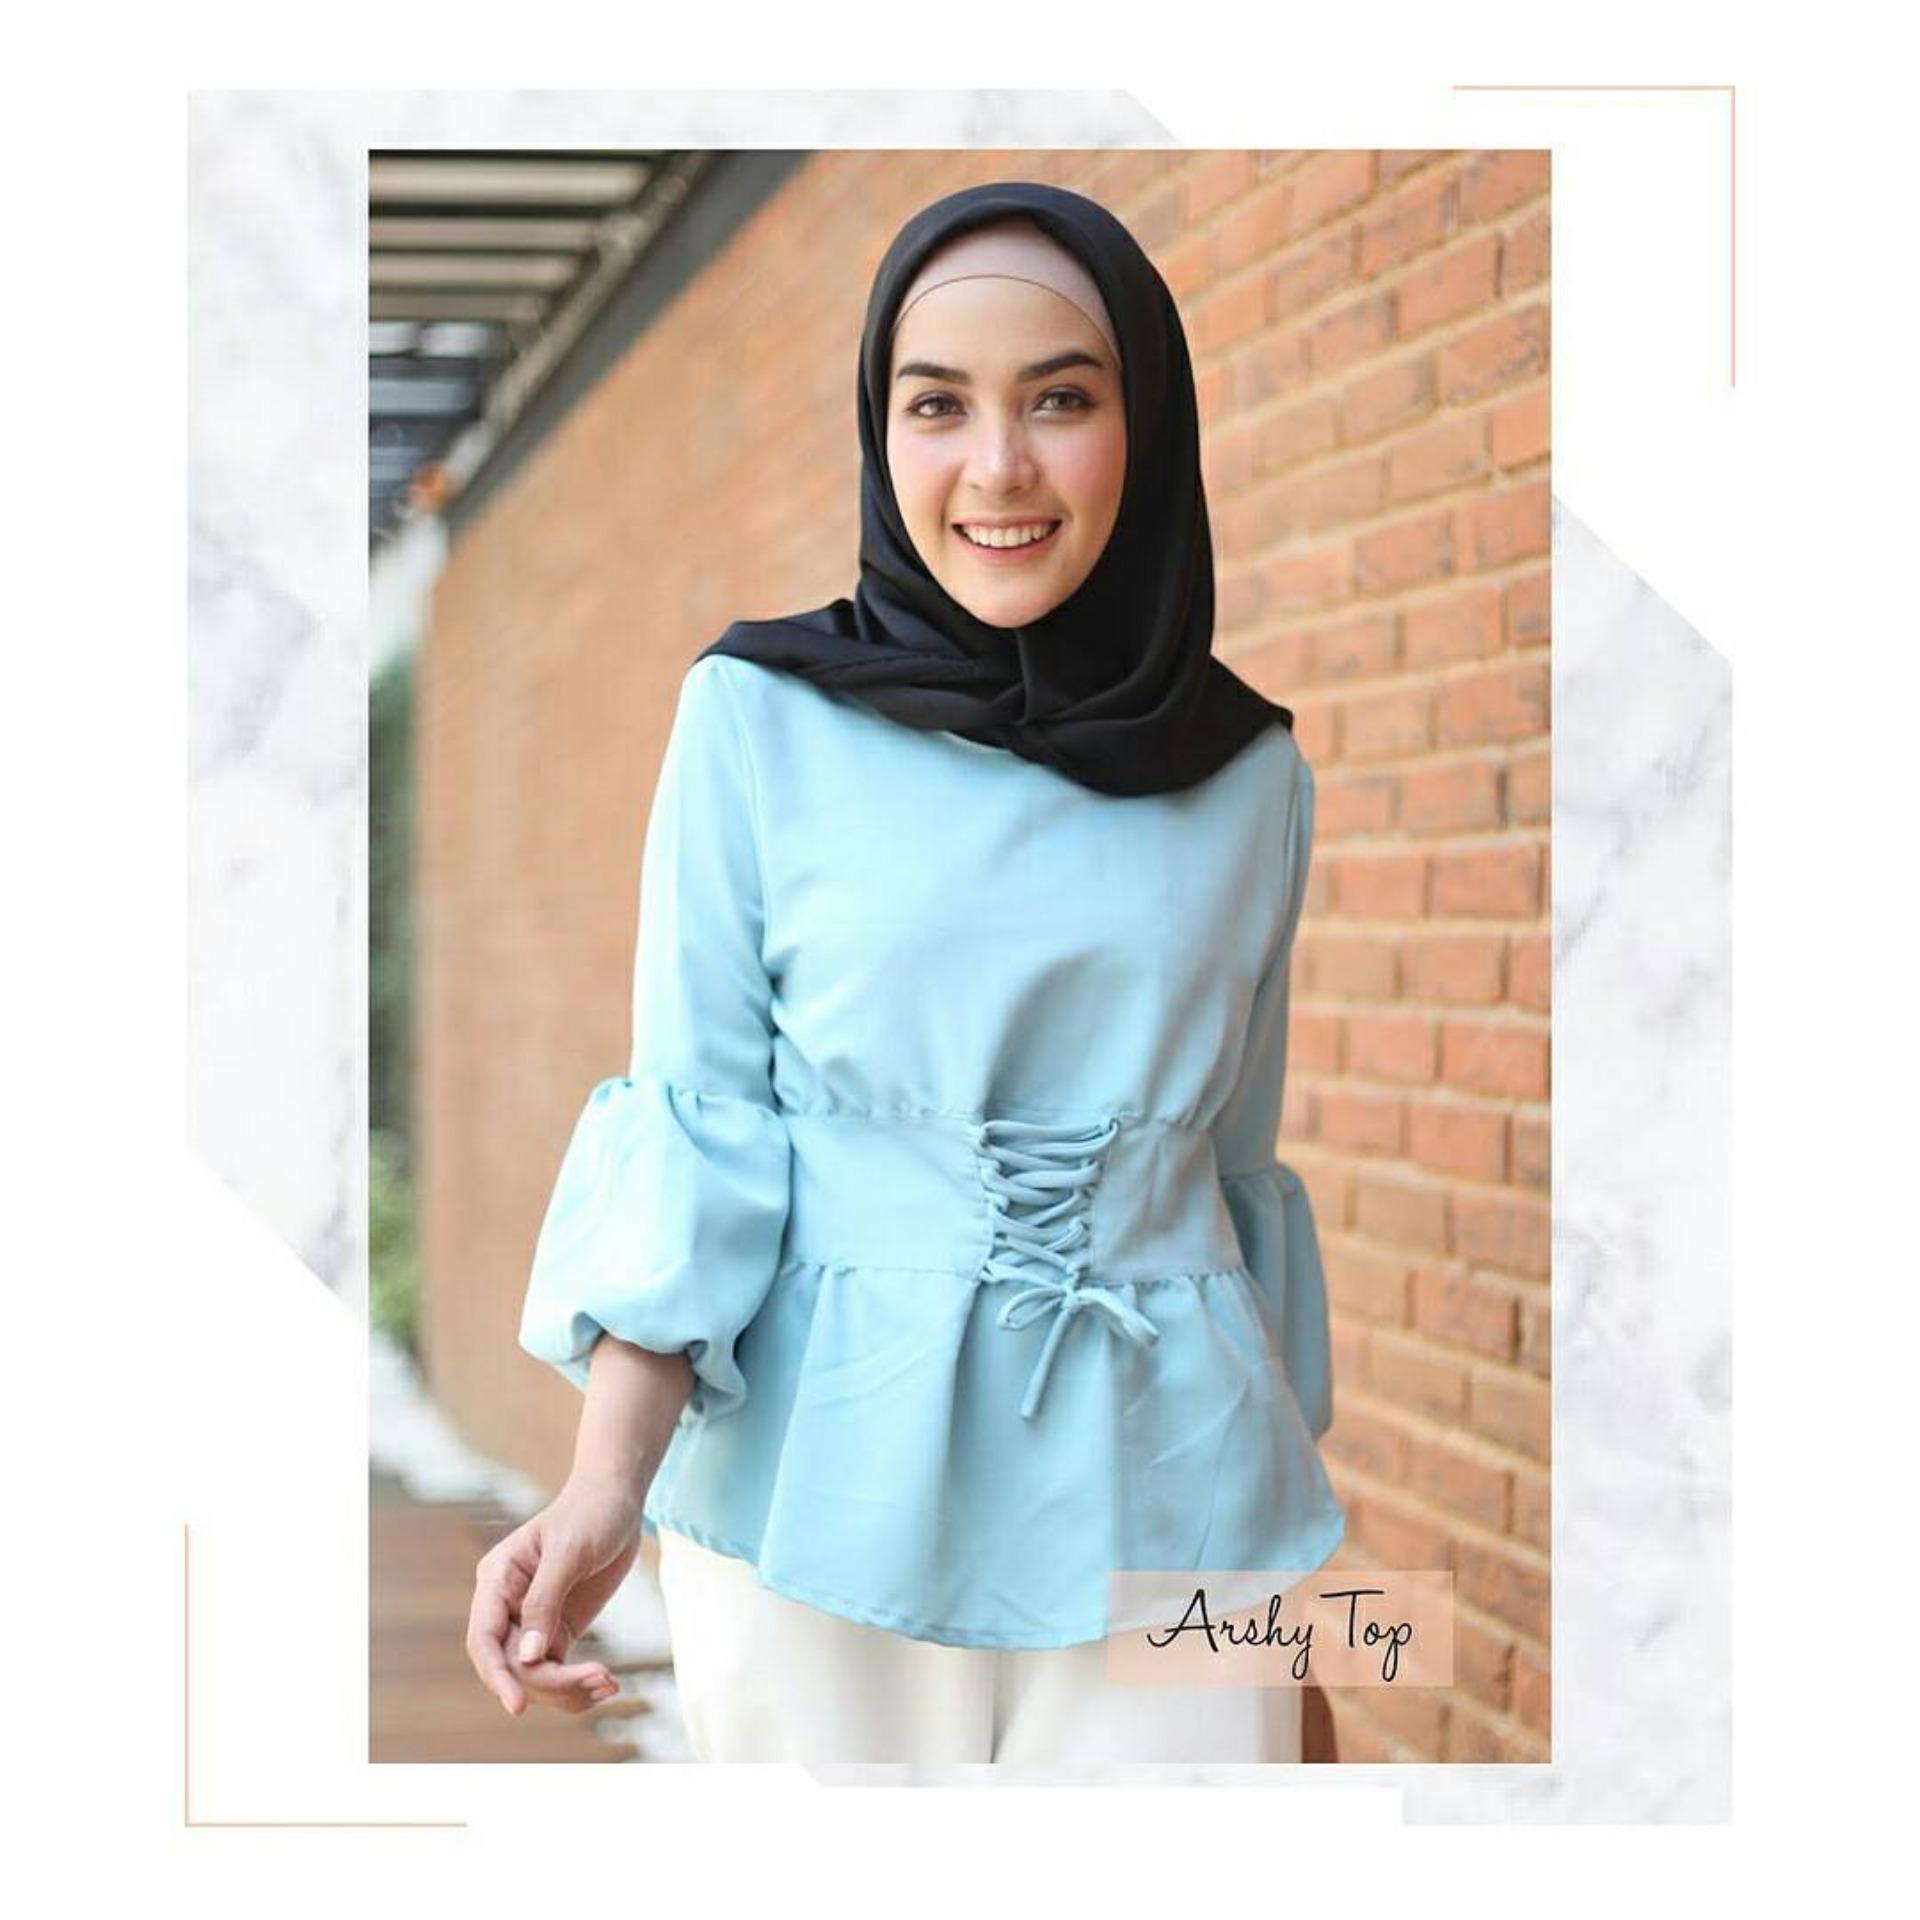 Baju Original Arshy Top Baju Blus Atasan Wanita Baju Kerja Blouse Kemeja  Perempuan Pakaian Kerja Baju 562b8c9be7